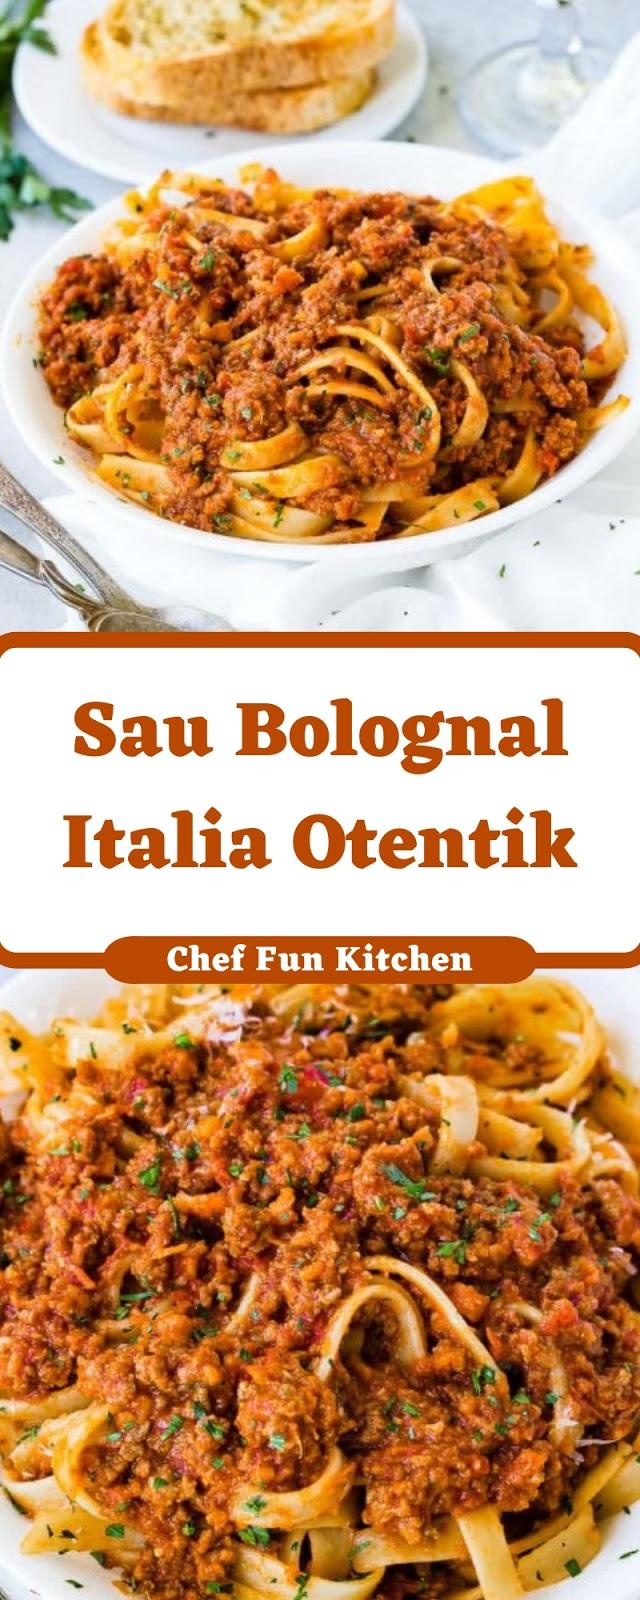 Sau Bolognal Italia Otentik